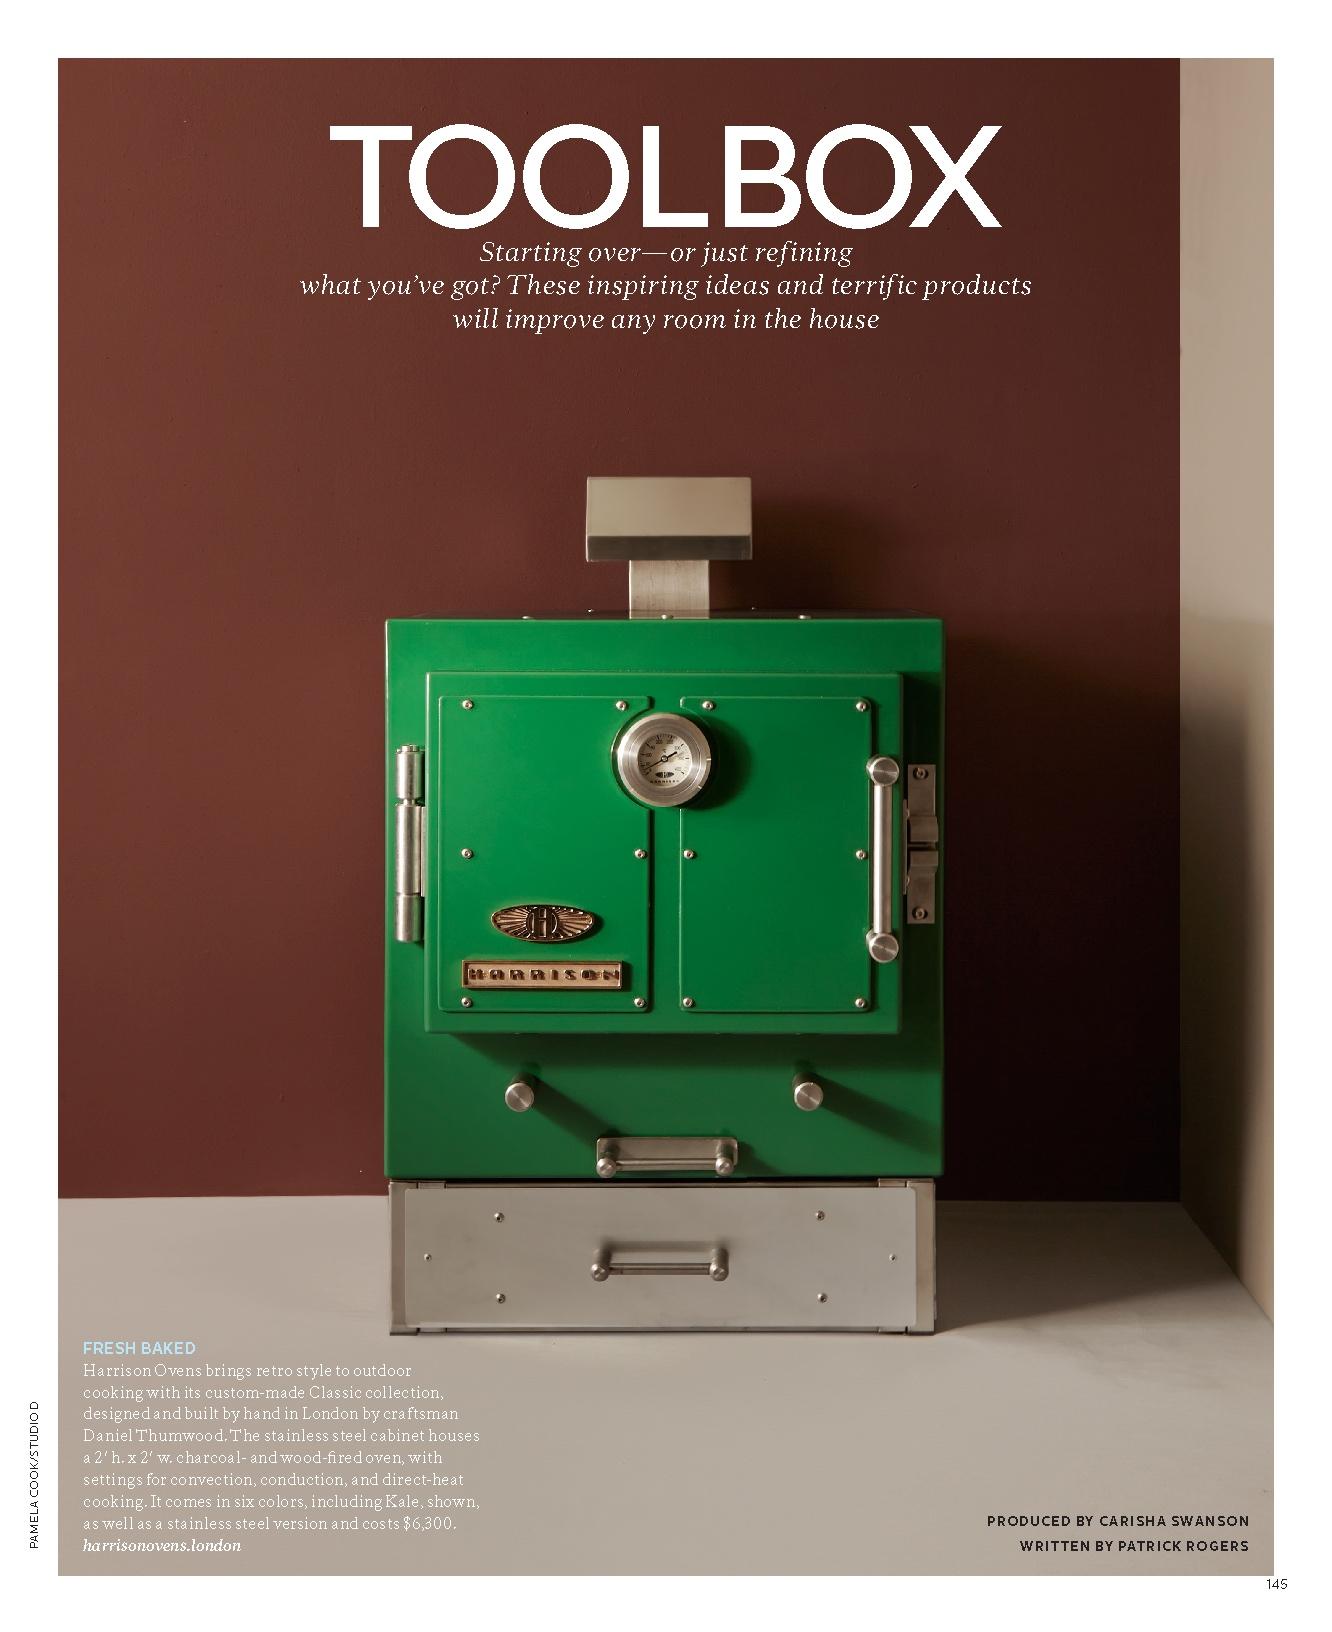 hires toolbox_Page_1.jpg